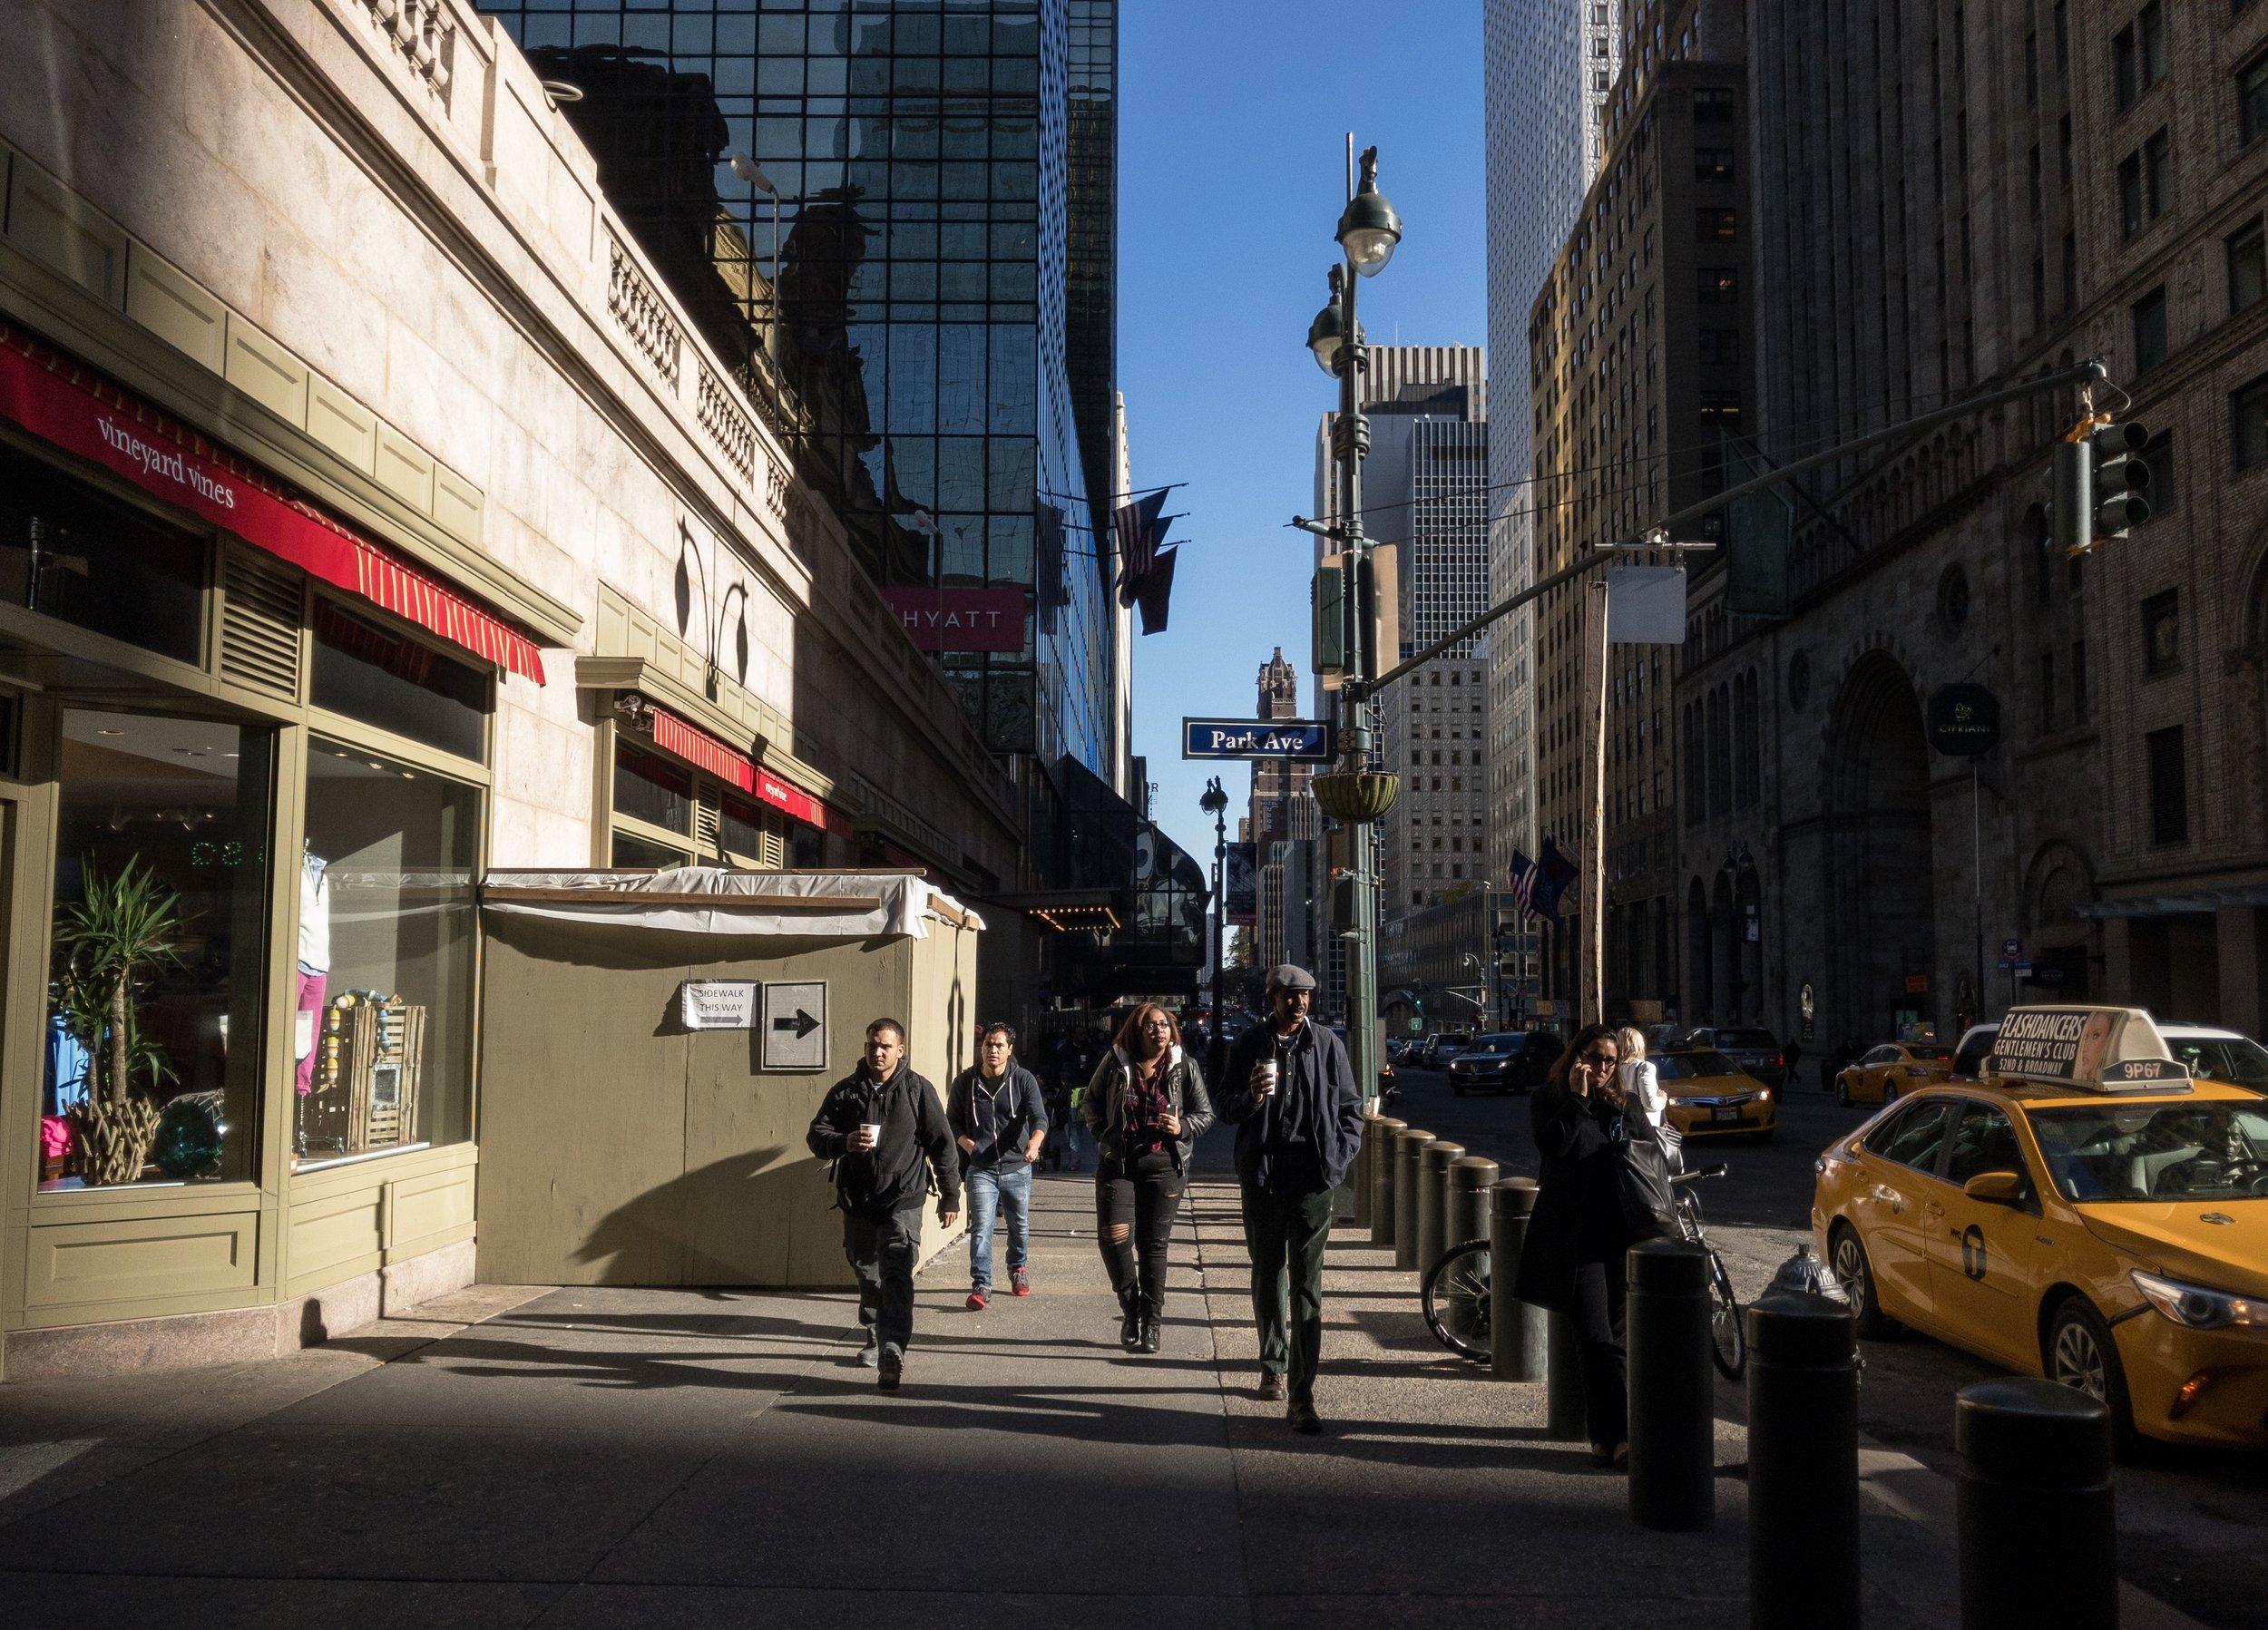 On 42nd Street (East)